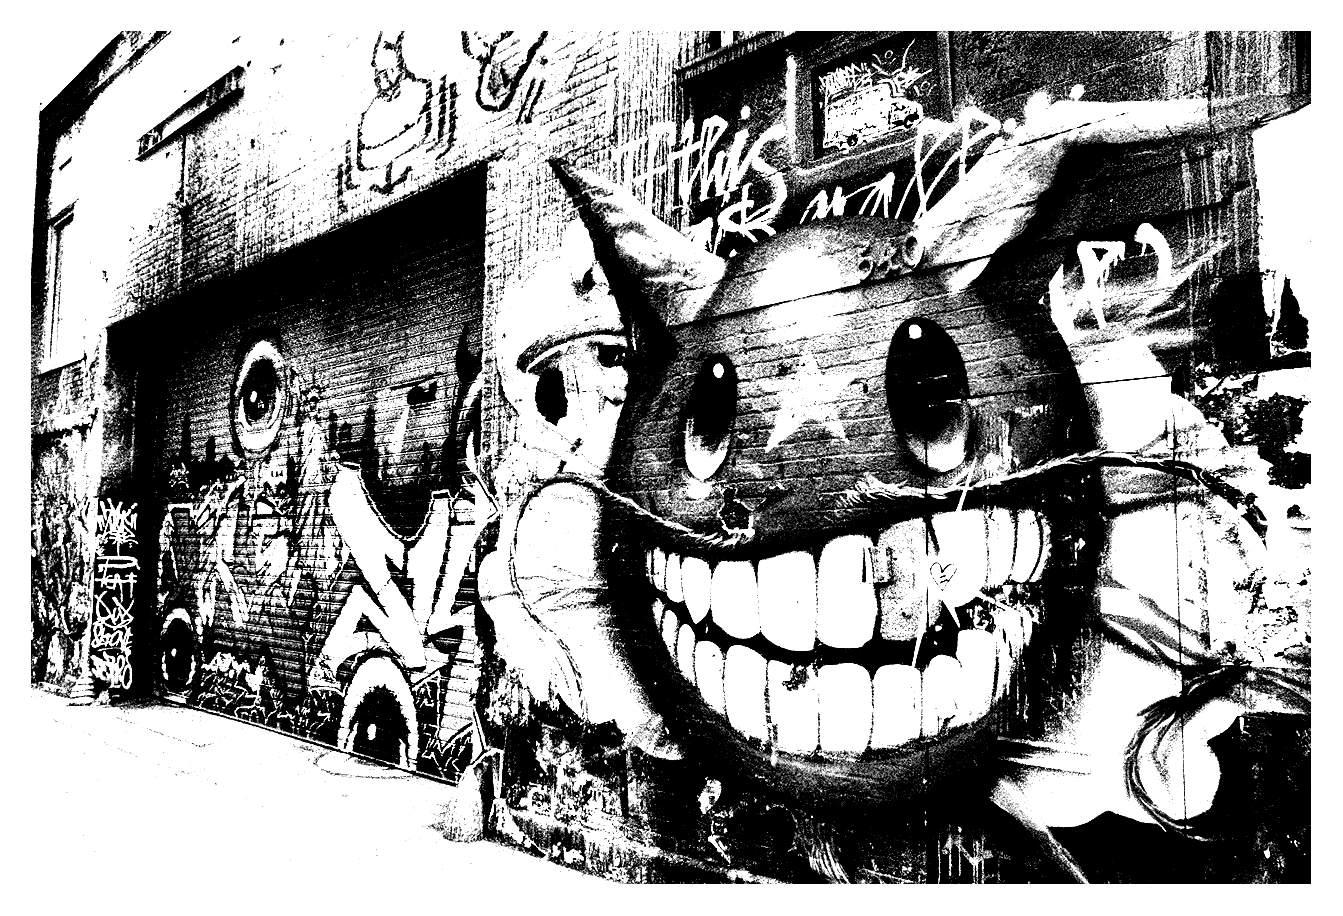 Disegni da colorare per adulti : Graffiti e Street art - 12